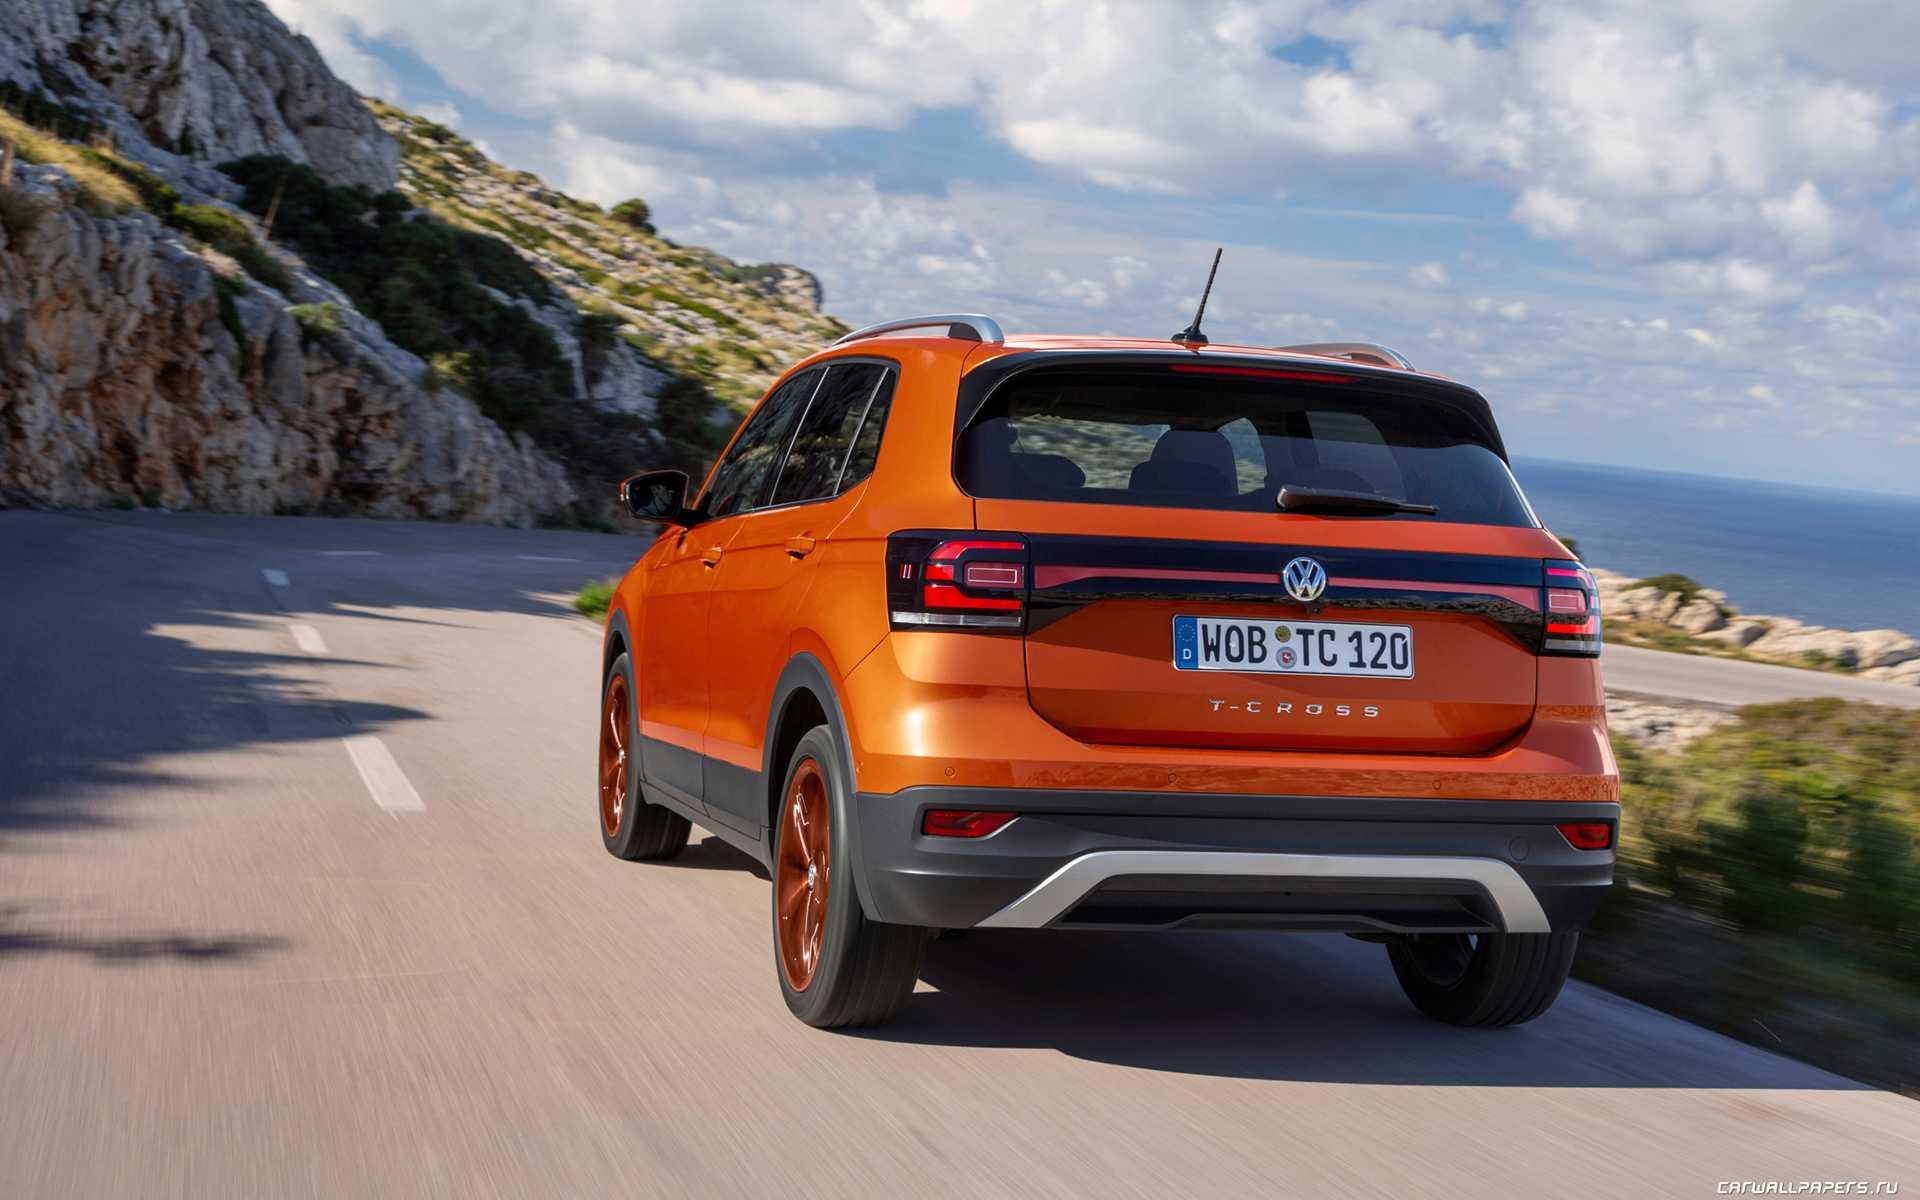 Volkswagen t-cross 2020 скоро в россии! цены и комплектации